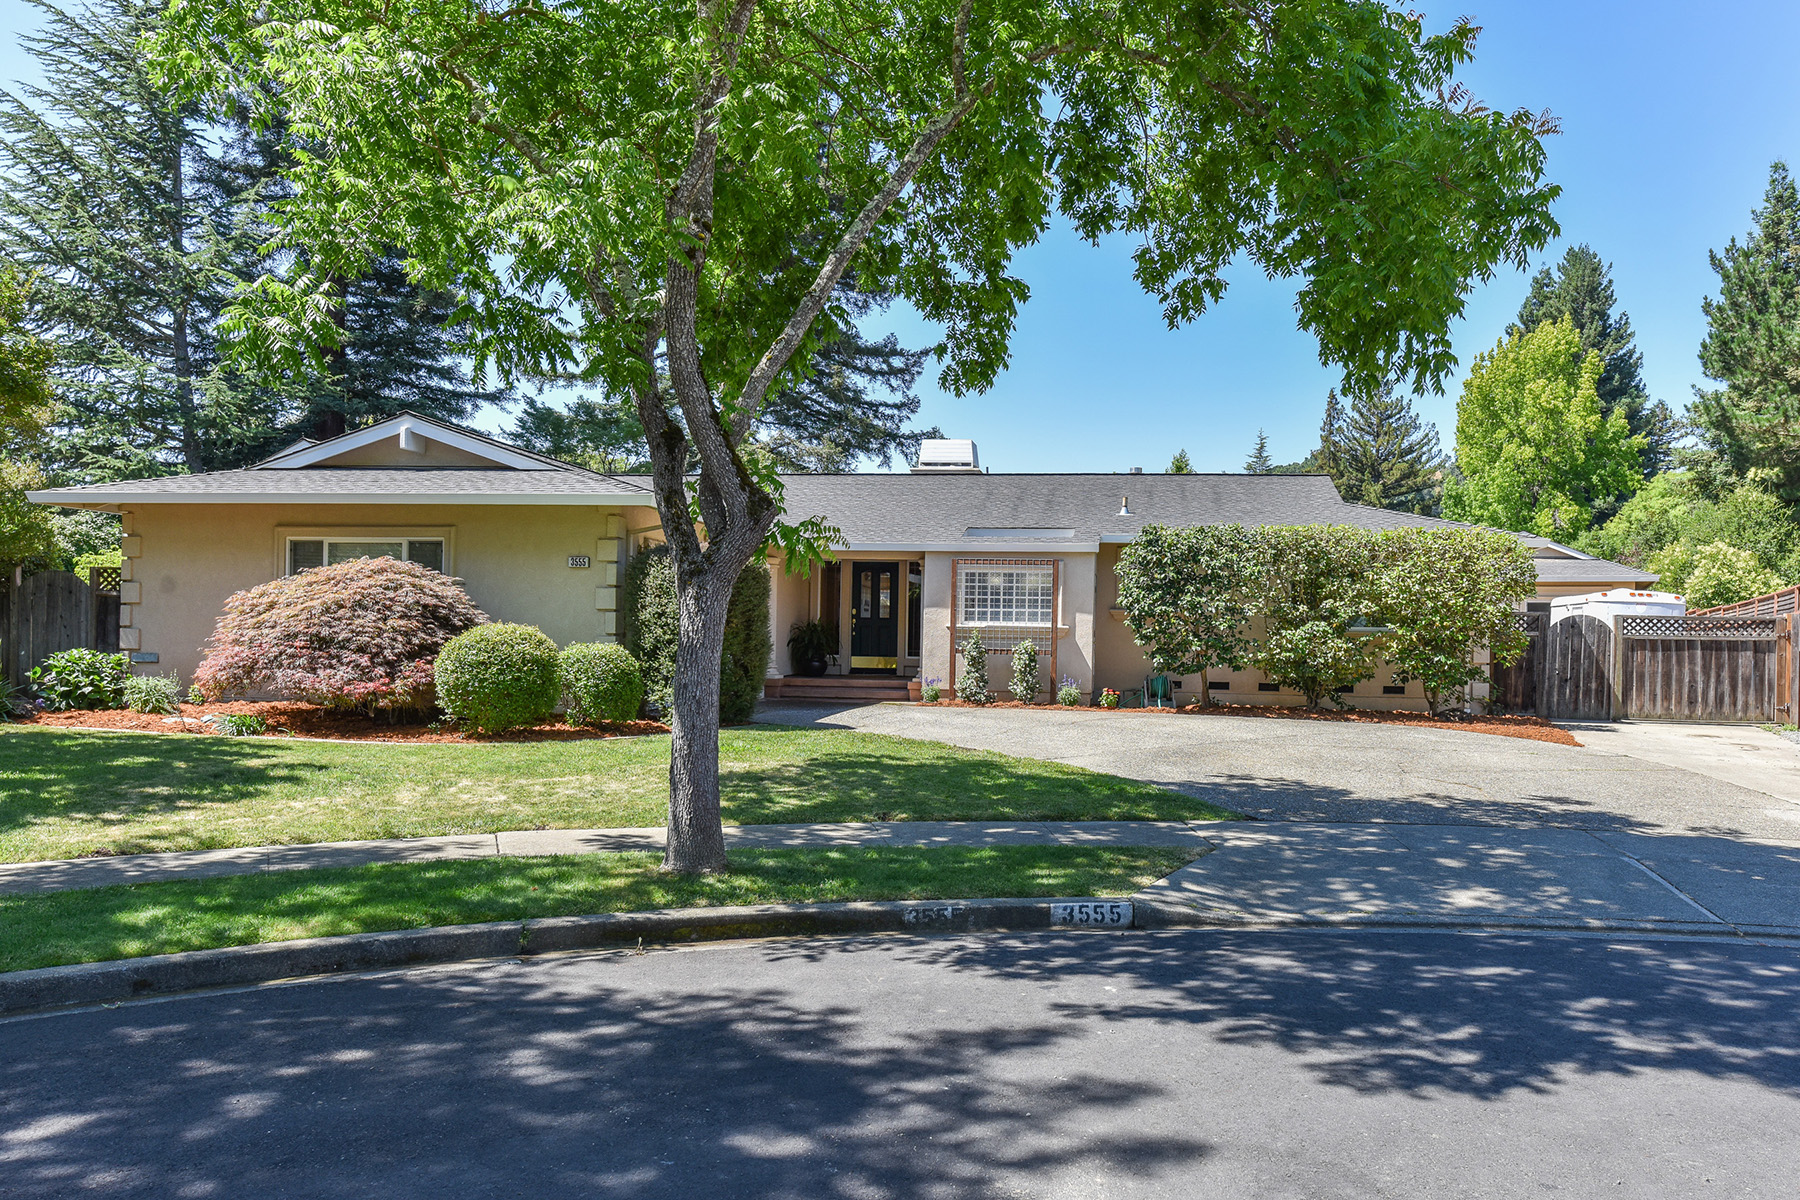 Casa Unifamiliar por un Venta en 3555 Lynbrook Ct, Napa, CA 94558 3555 Lynbrook Ct Napa, California, 94558 Estados Unidos